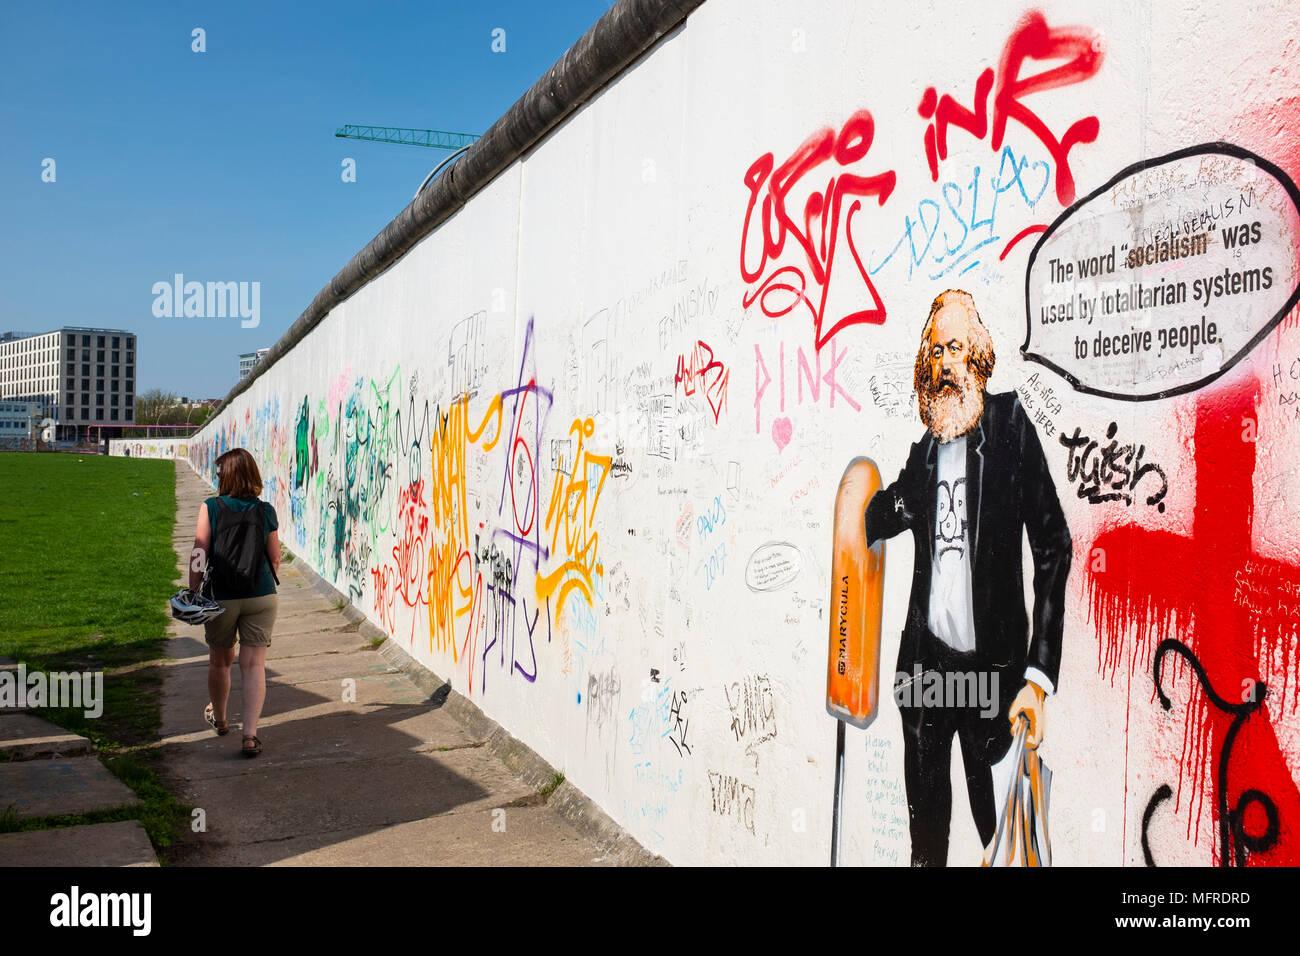 Voir l'article original du mur de Berlin avec des graffitis au East Side Gallery à Friedrichshain, Berlin, Allemagne Photo Stock